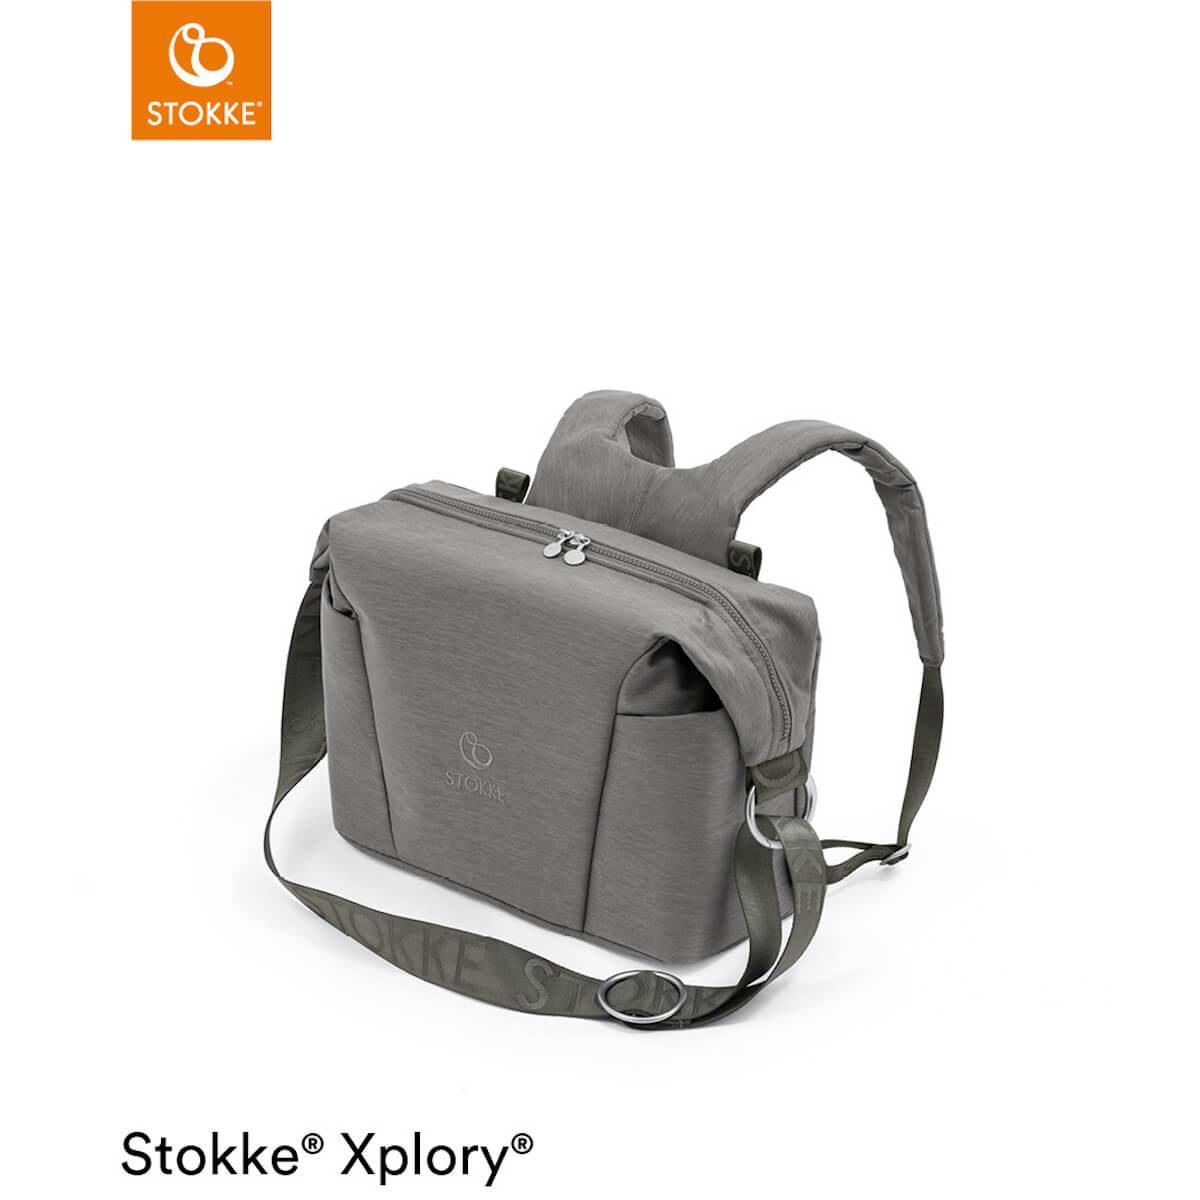 Sac à langer XPLORY X Stokke Modern Grey